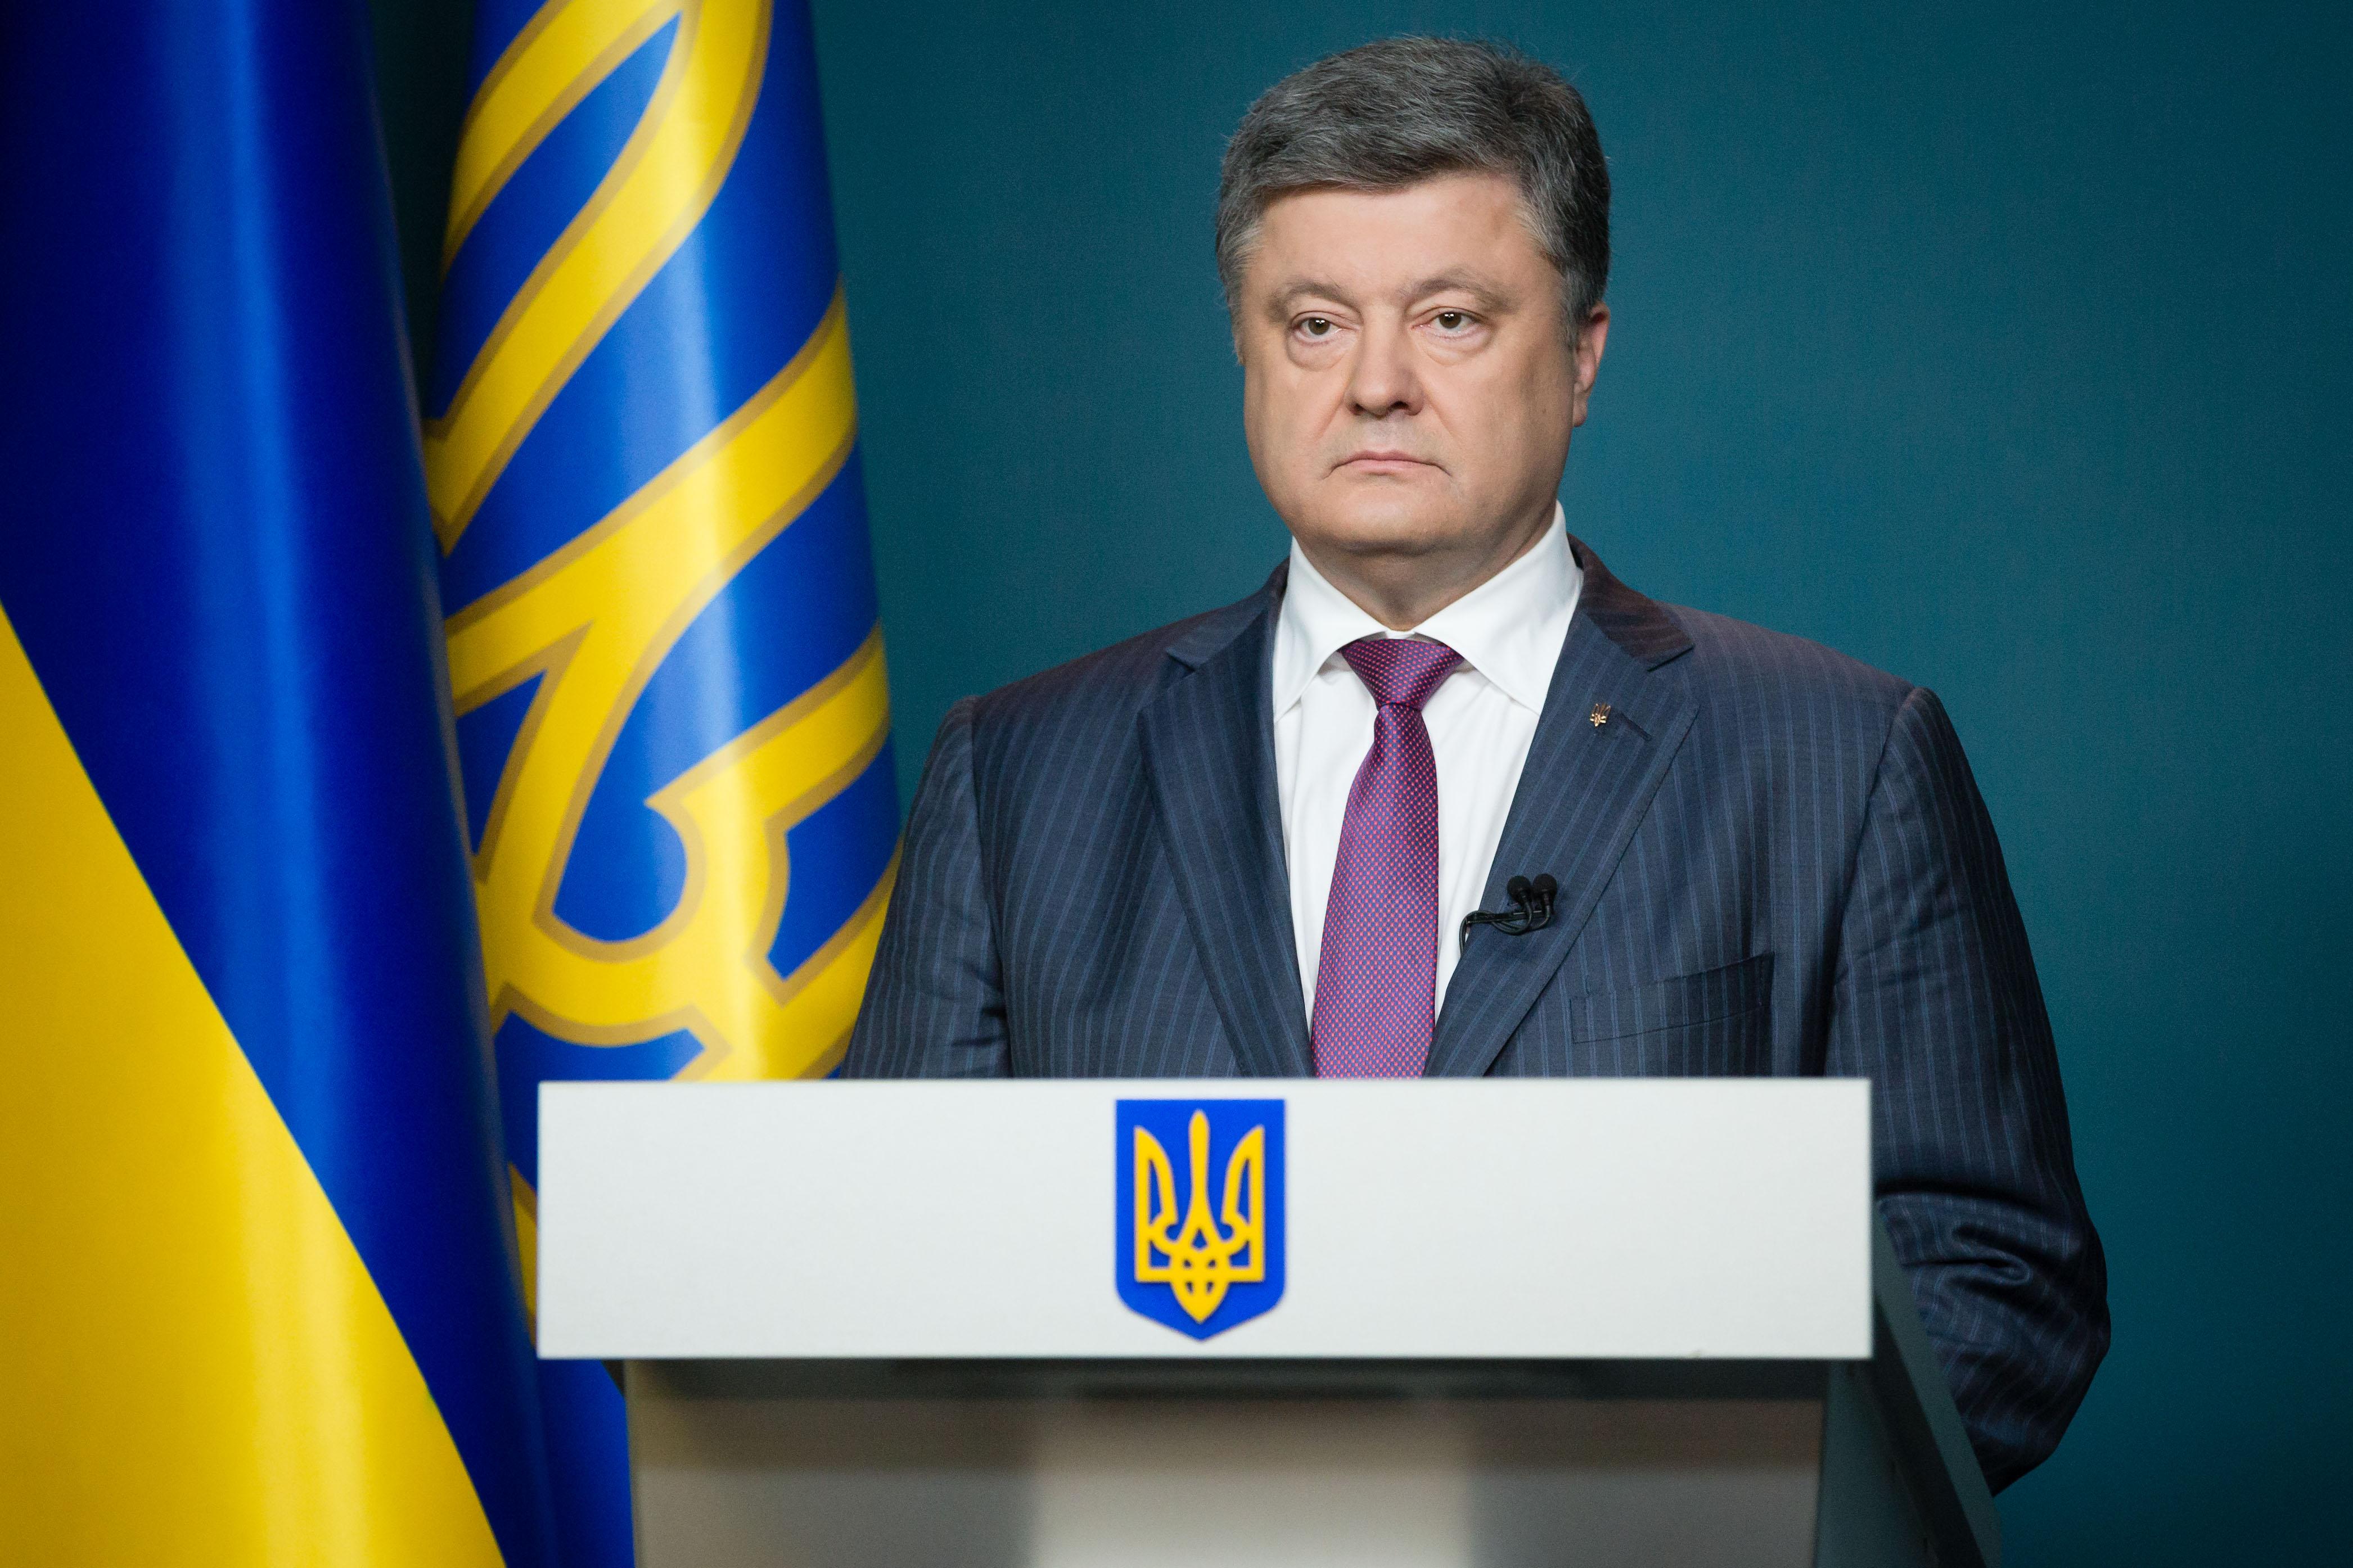 Порошенко приготовил украинцам сюрприз: что произойдет перед Новым годом